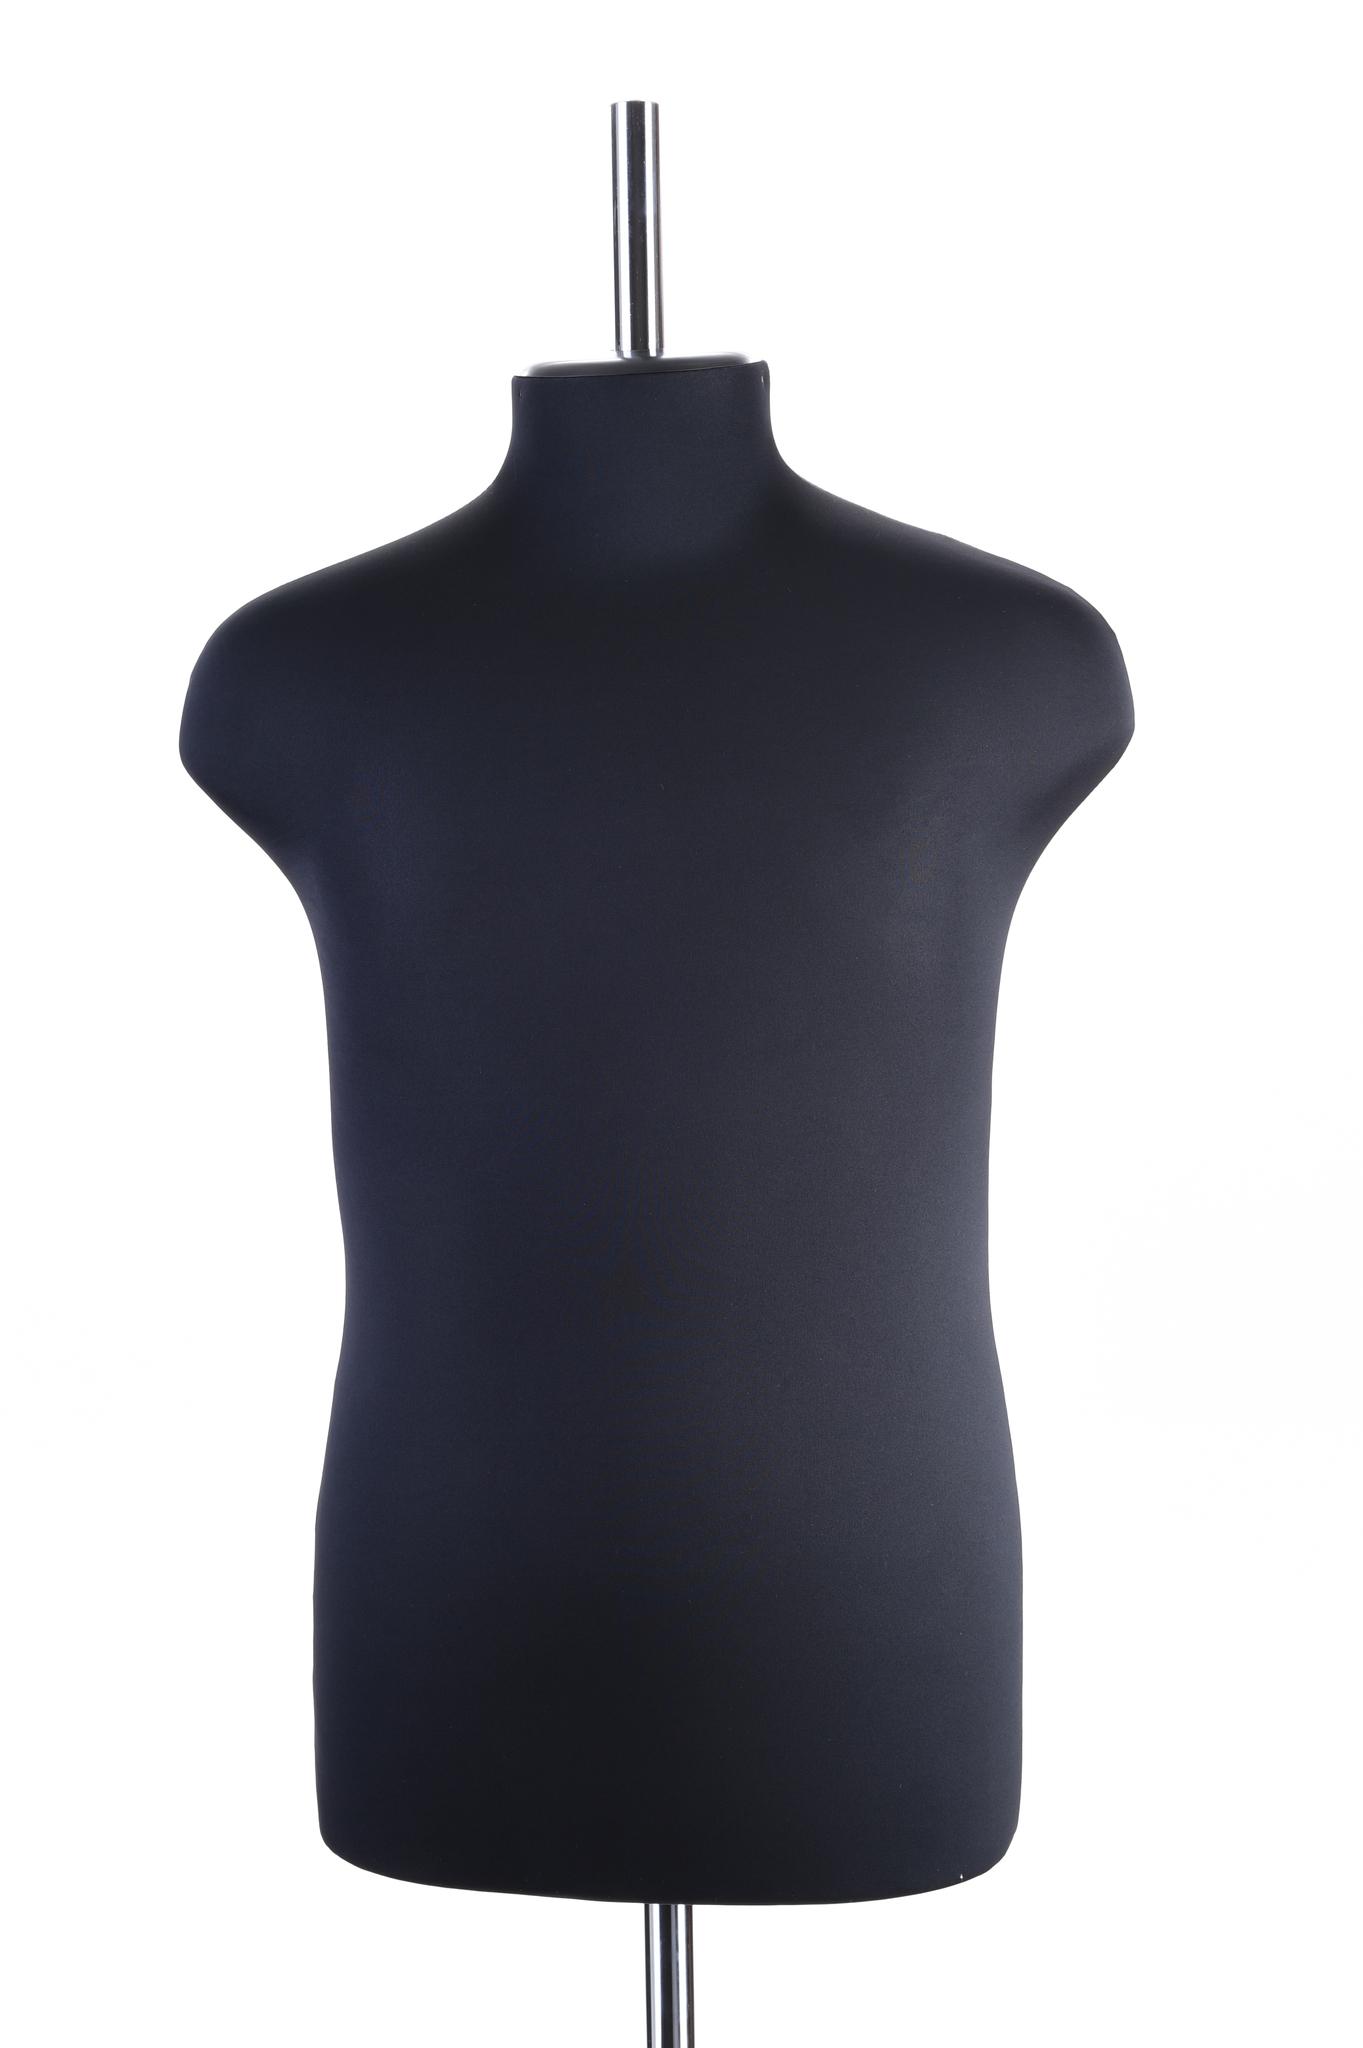 Манекен портновский мужской 48 размер ОСТ (черный)